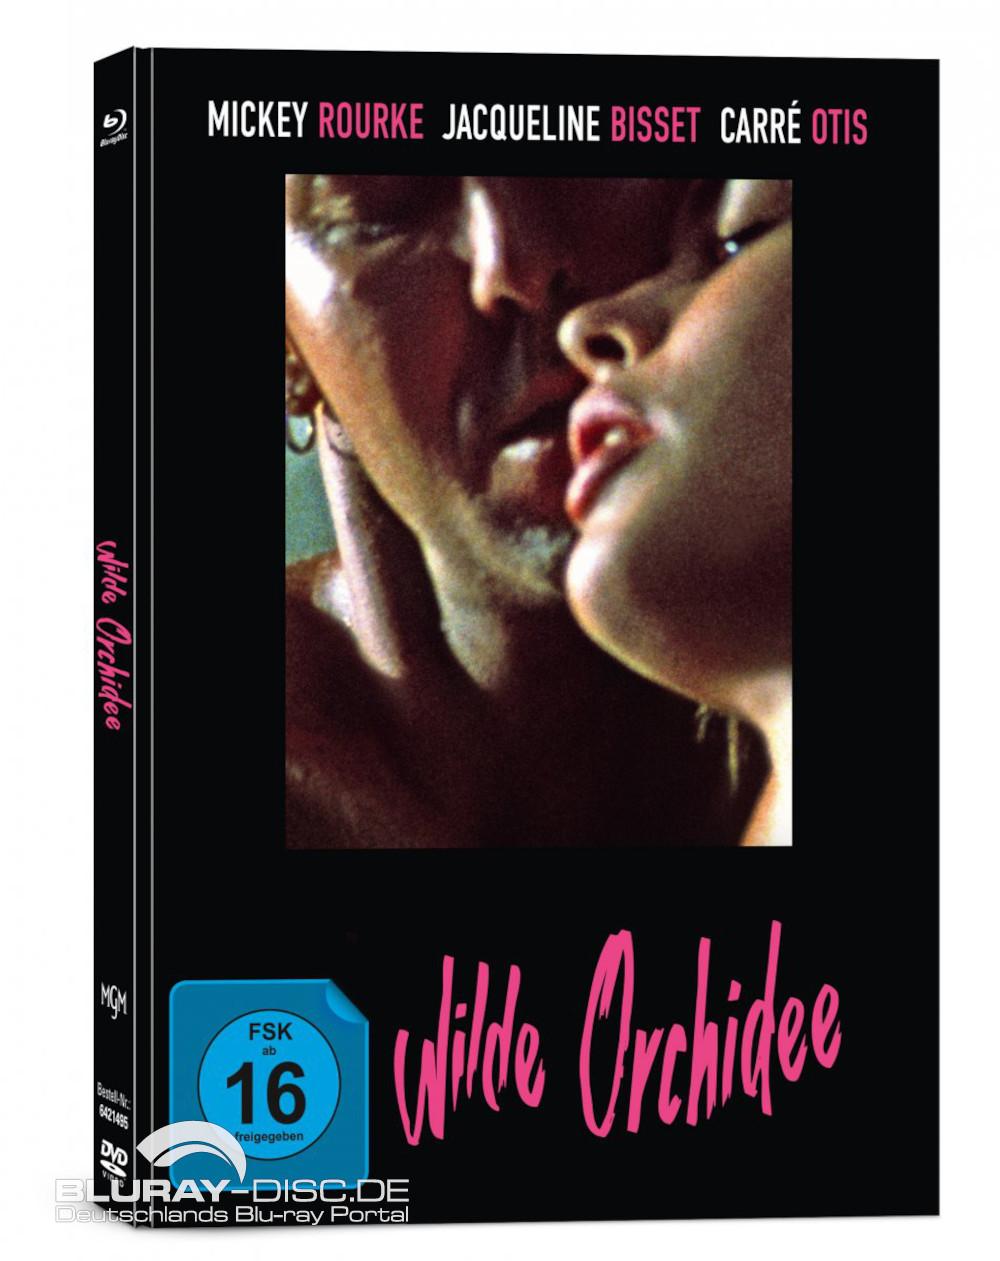 Wilde-Orchidee-Galerie-01.jpg